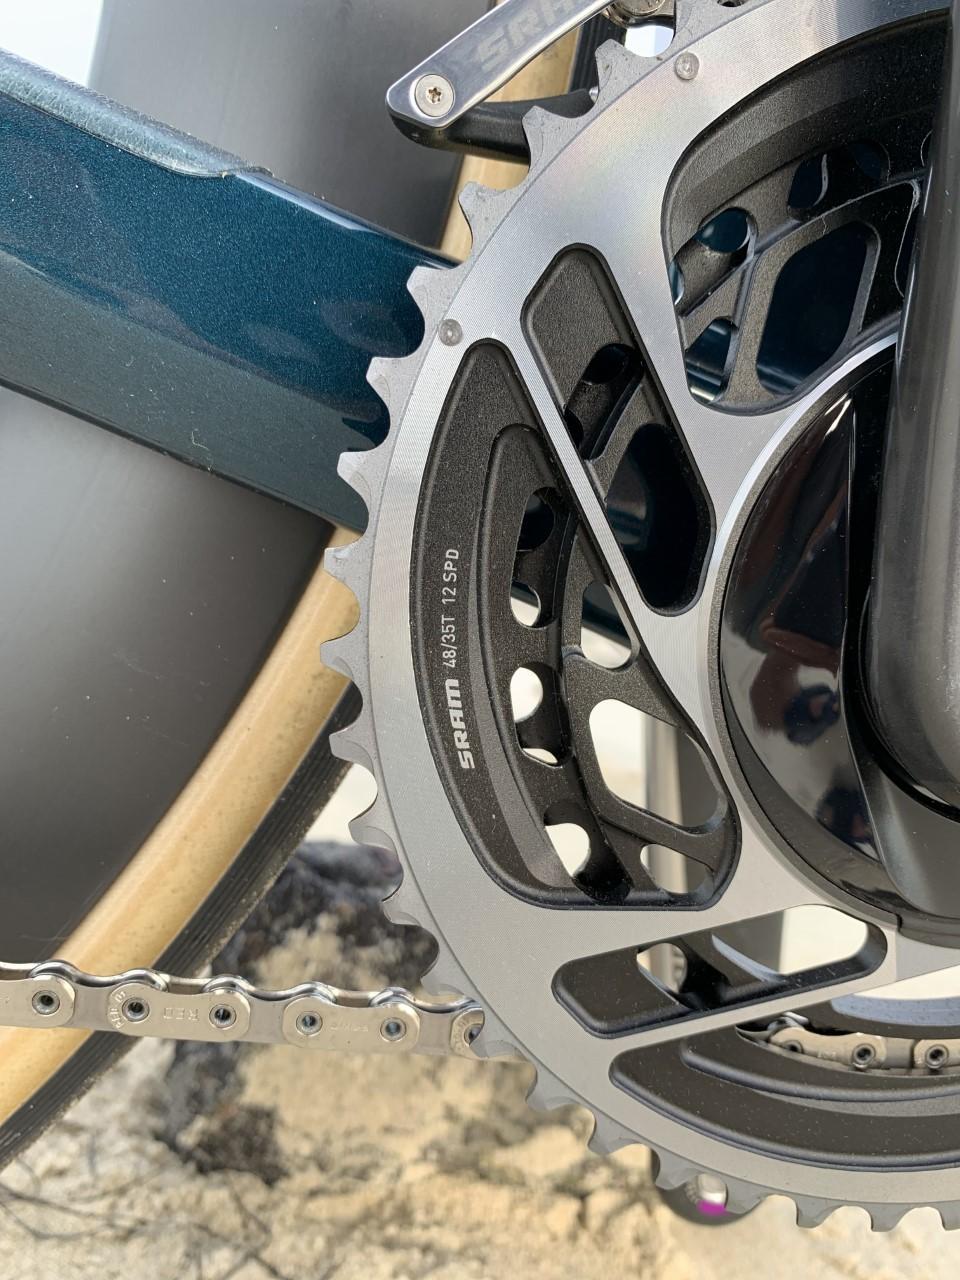 Lex Albrecht Time Machine Road 01 chainring